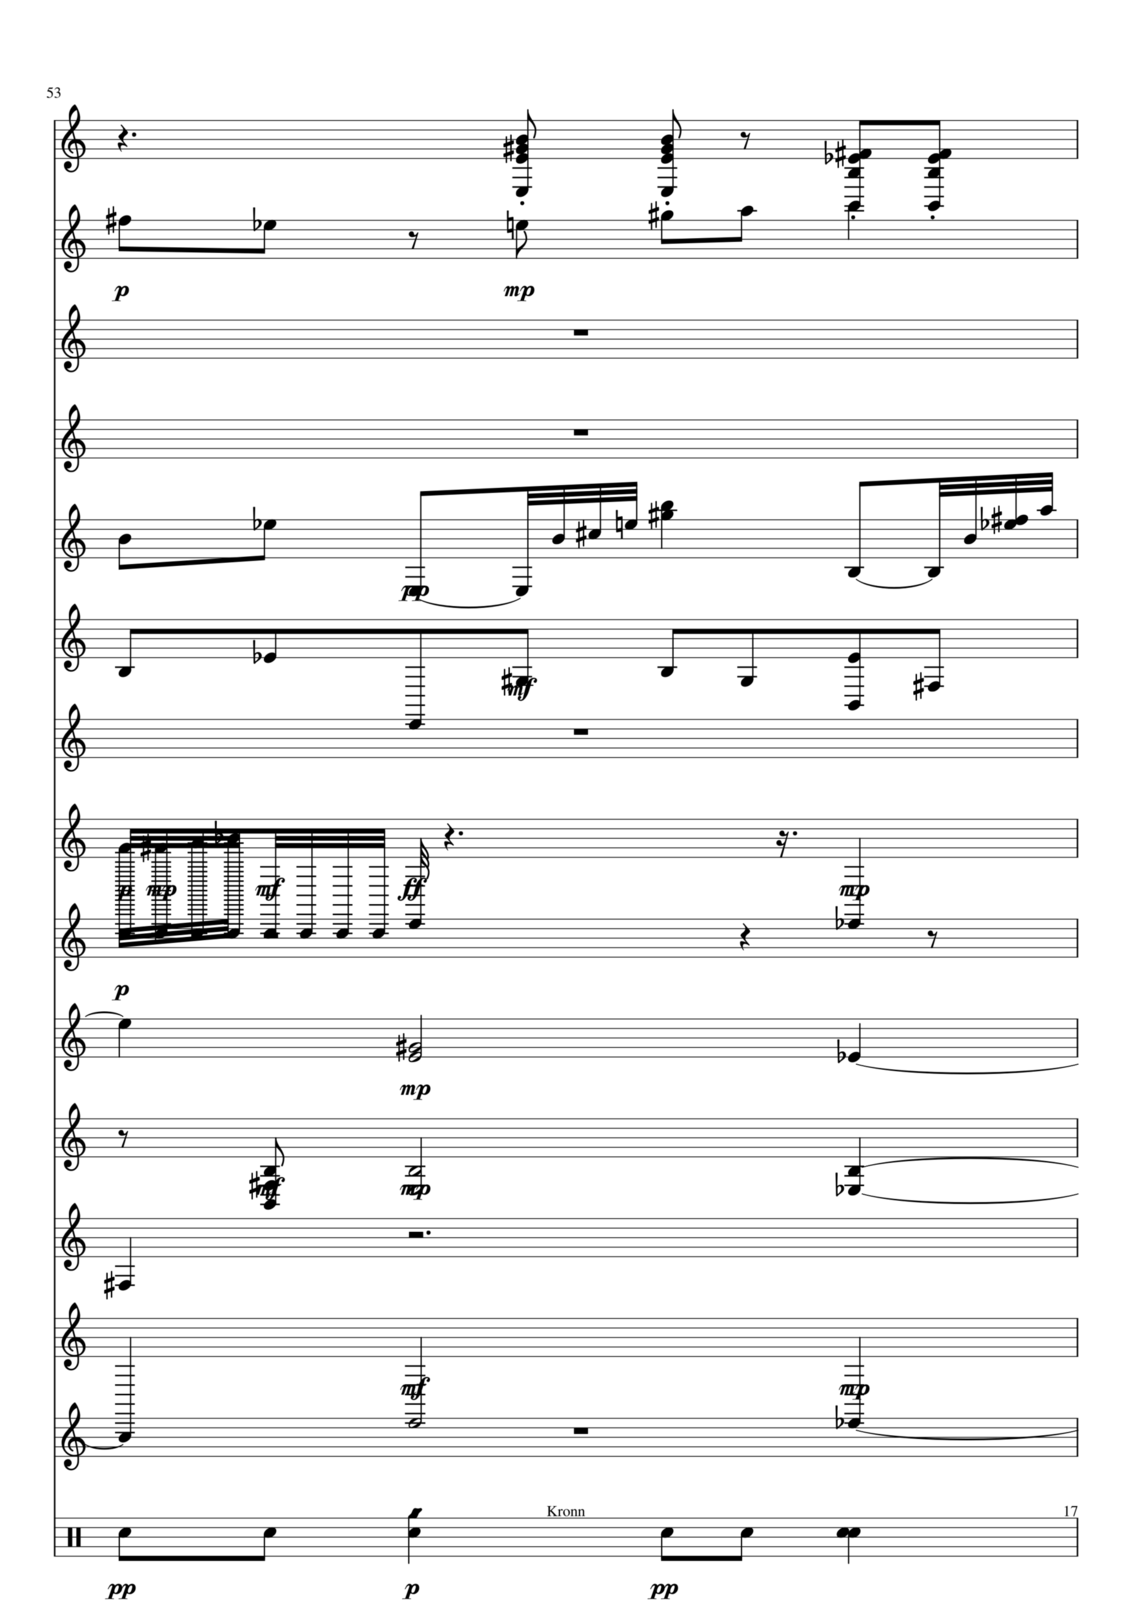 Prolog slide, Image 17